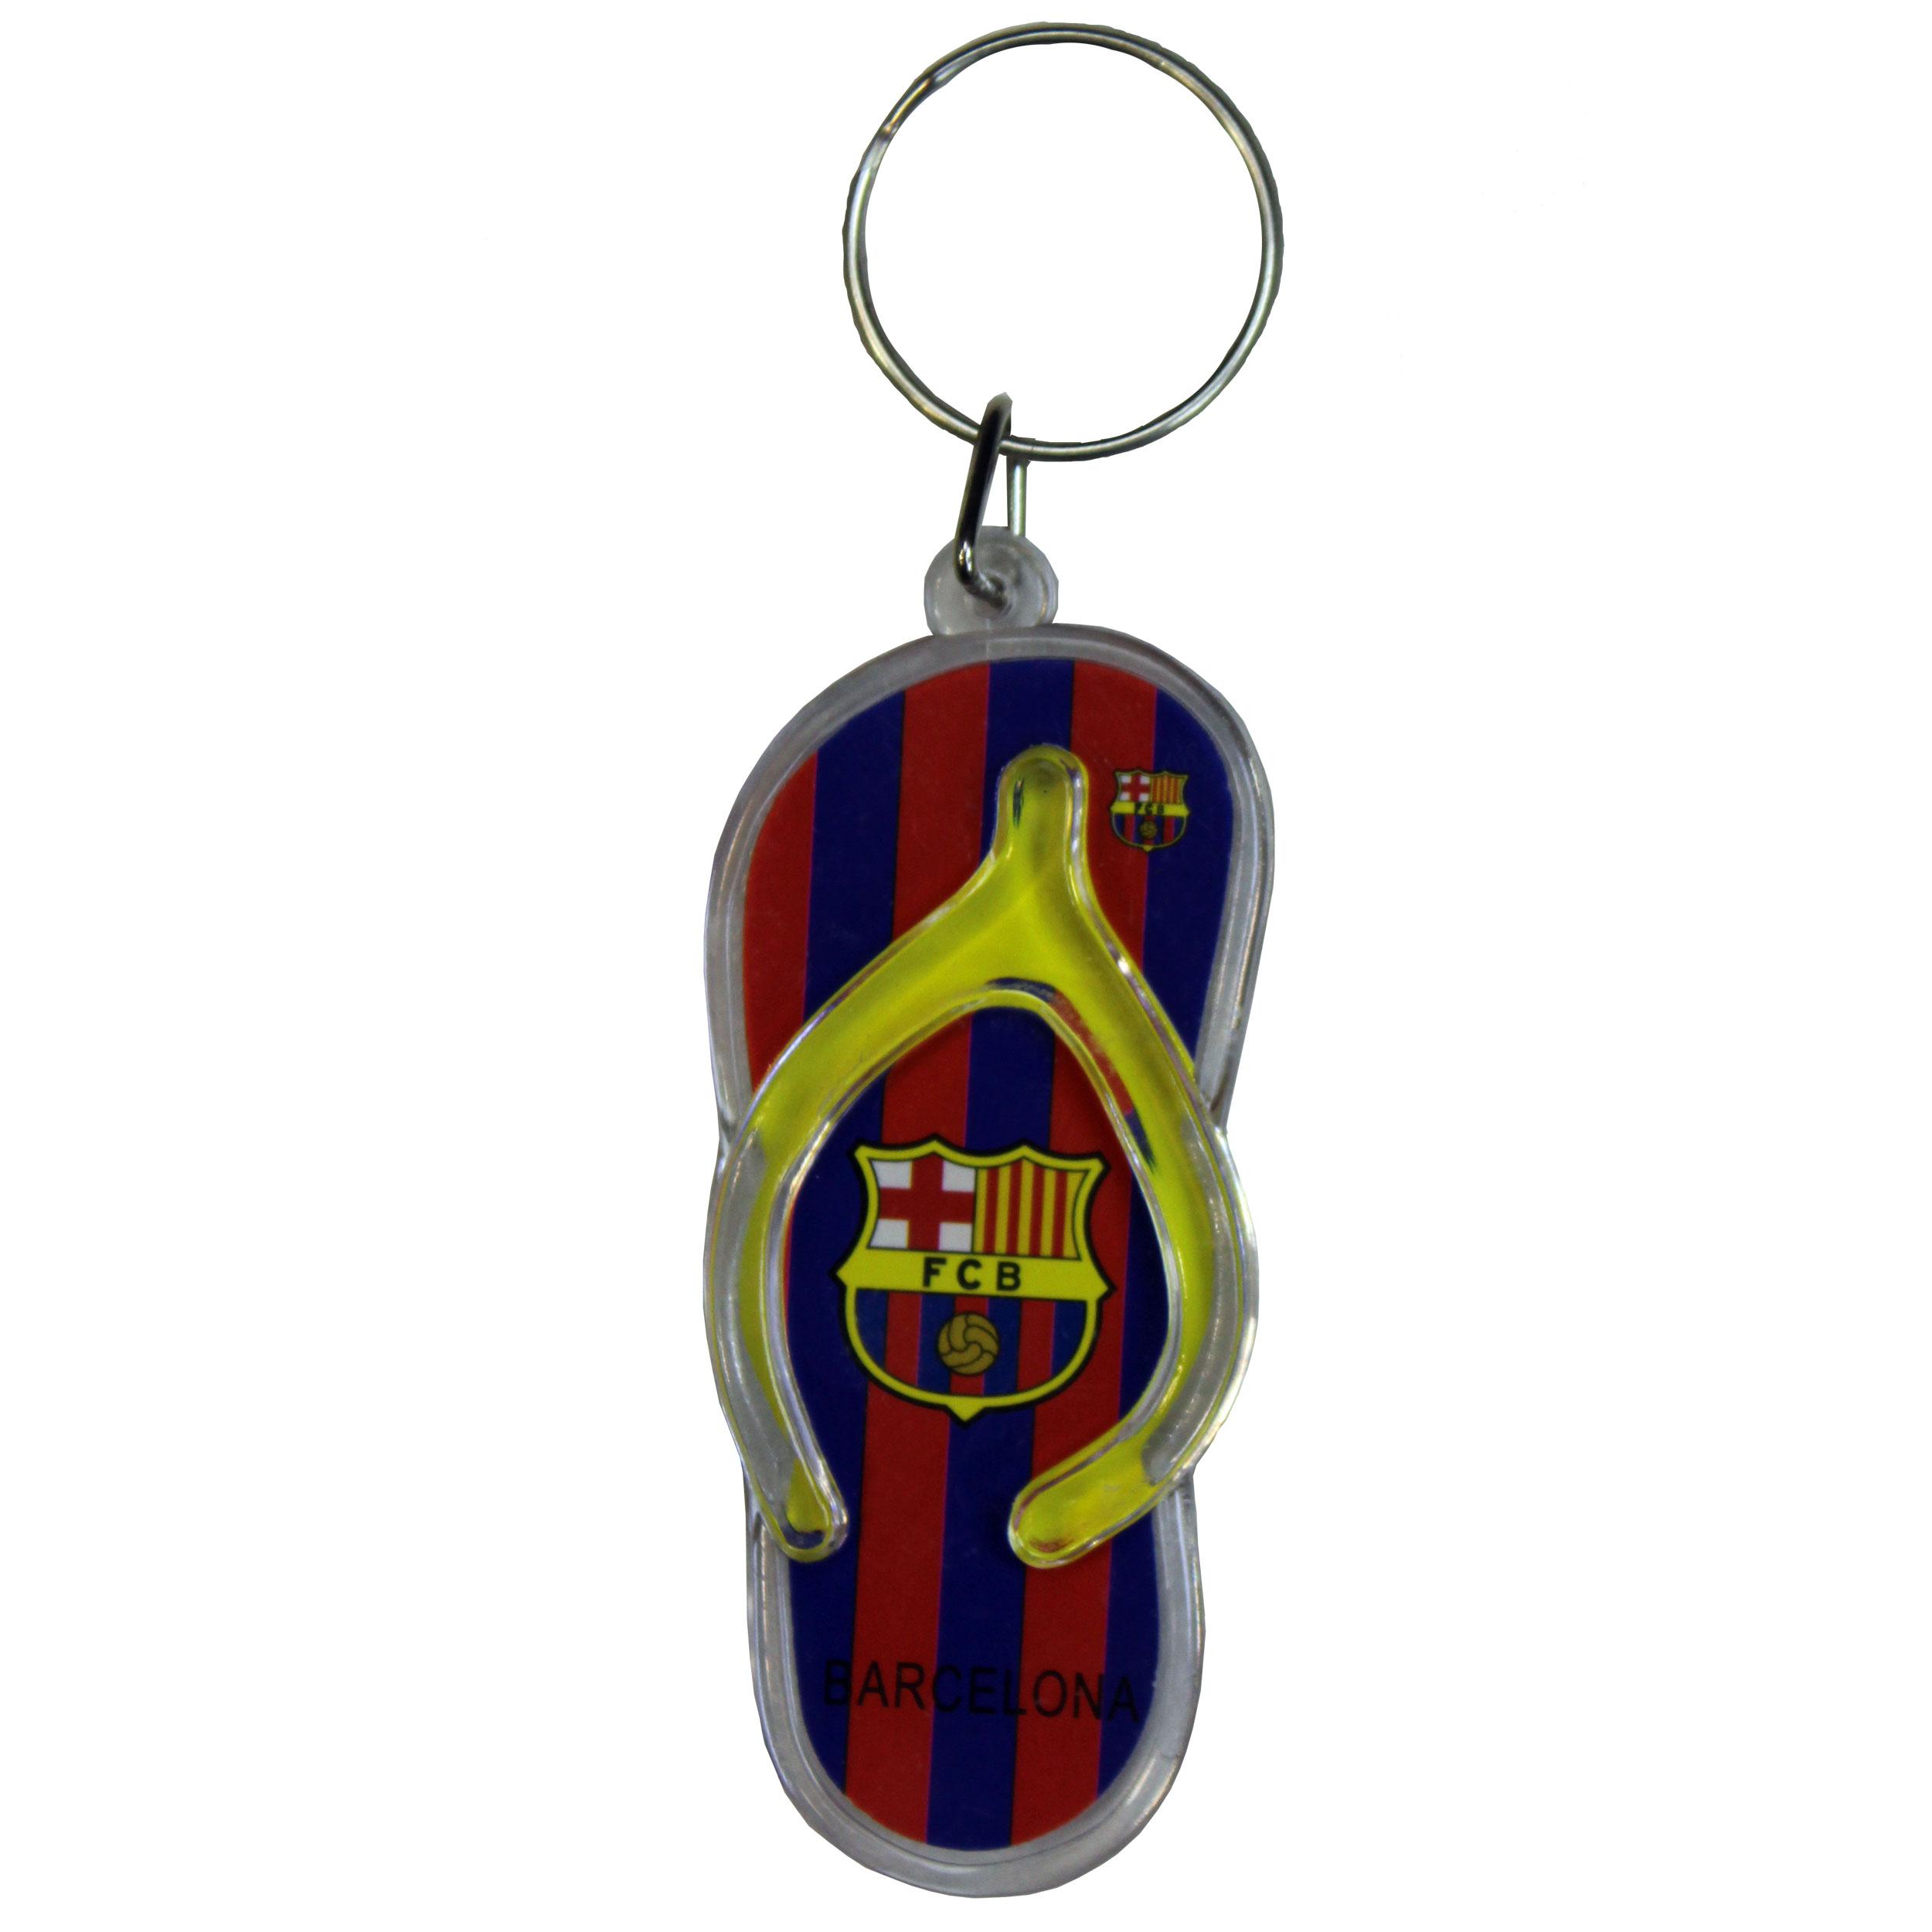 جا کلیدی طرح لوگو تیم بارسلونا